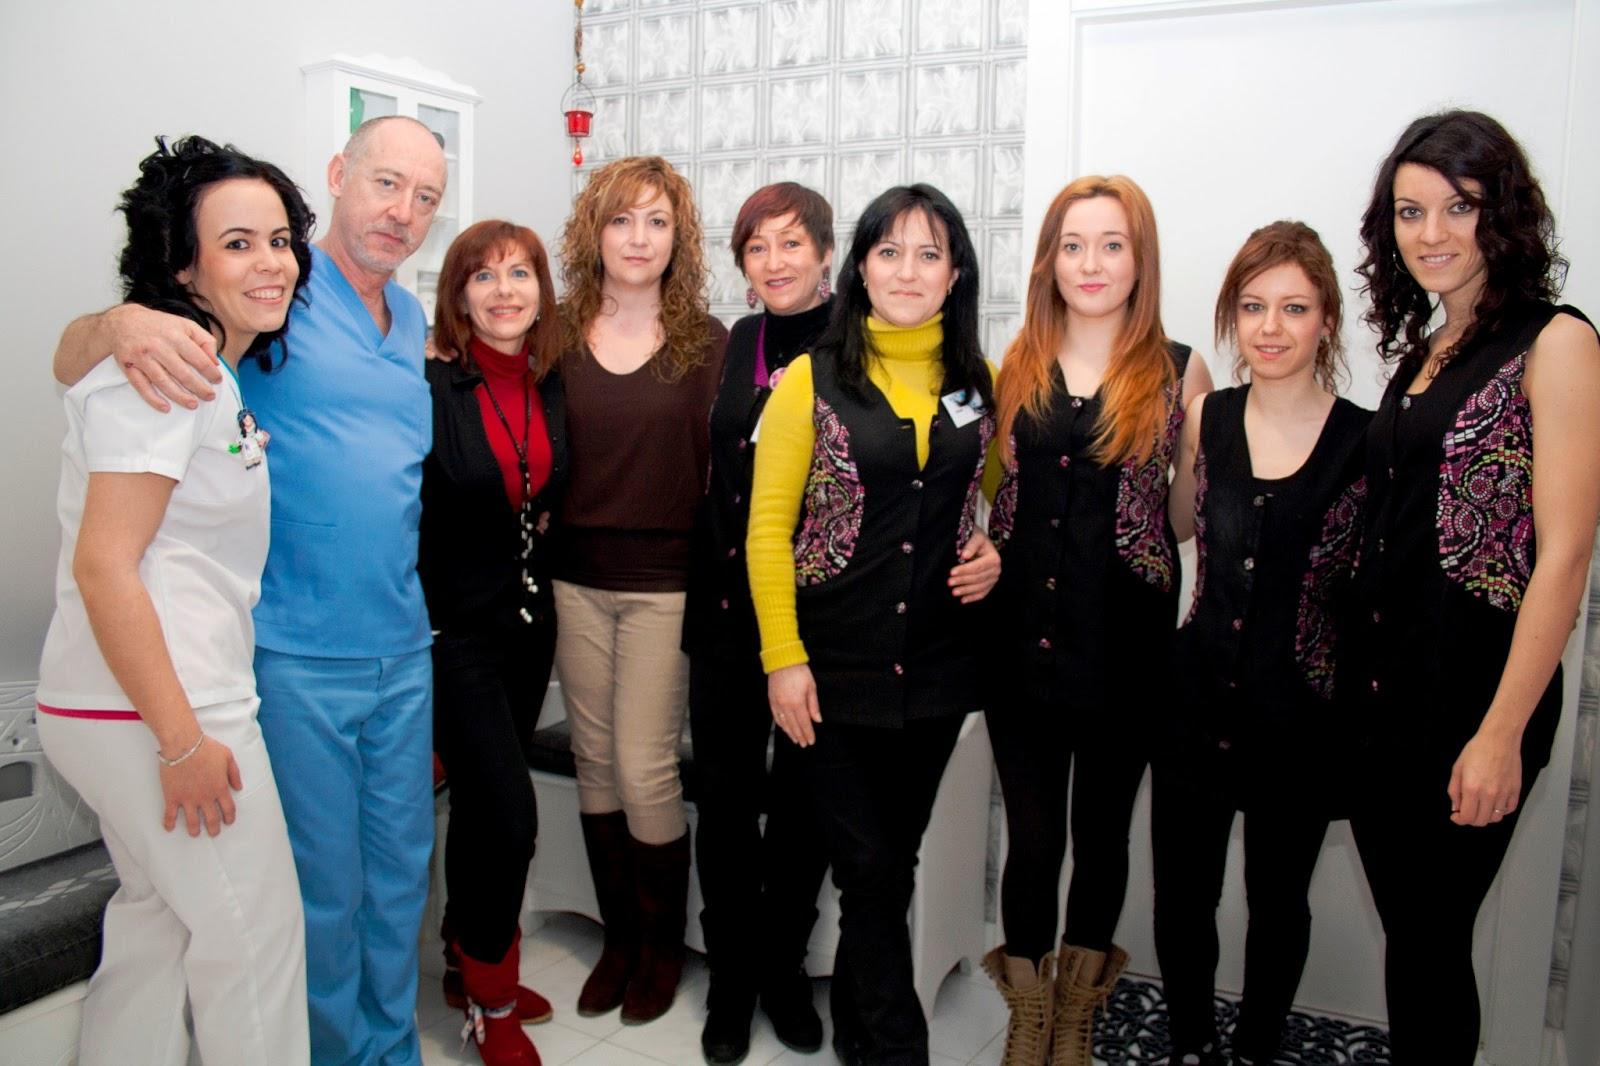 Servicio masaje desprotegido en Burgos